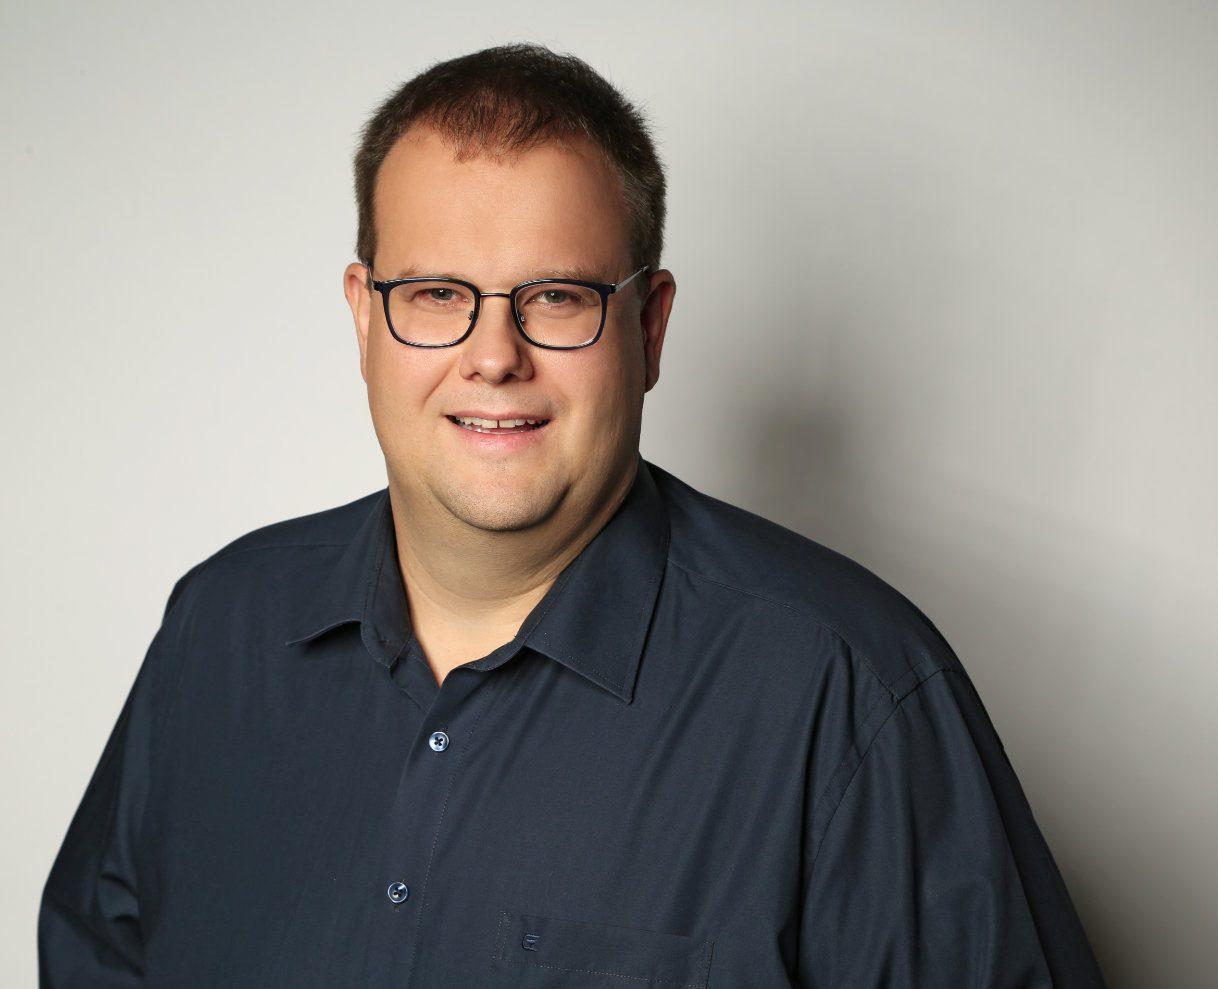 Matthias Häußer